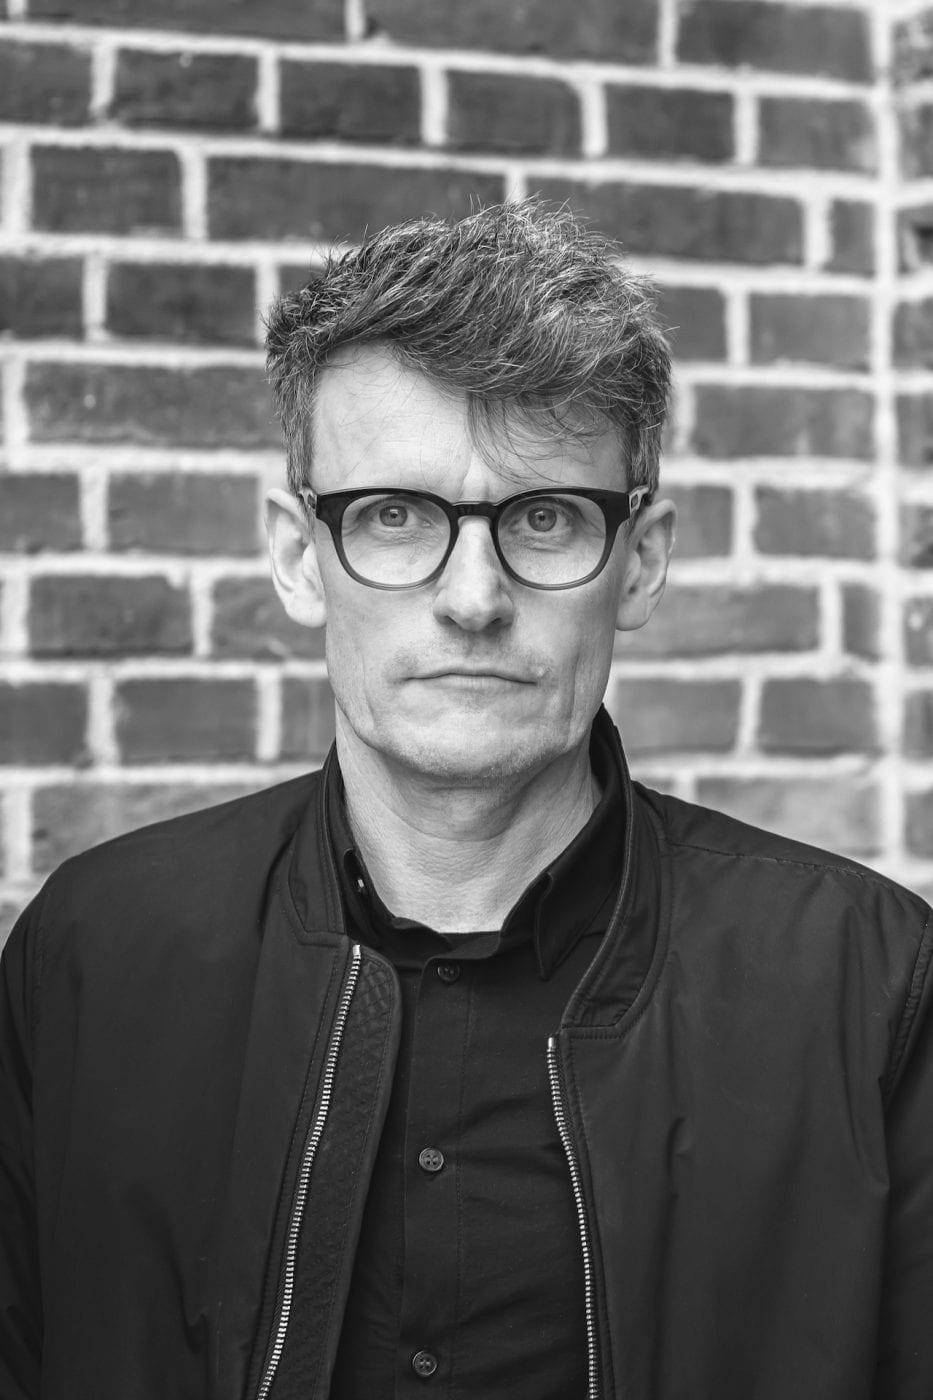 Christian Pohl von hehnpohl architektur bda gewährt einen Blick hinter die Entwurfskulissen des preisgekrönten Neubaus am Buddenturm. (Foto: Kopfkunst-Metzdorf)